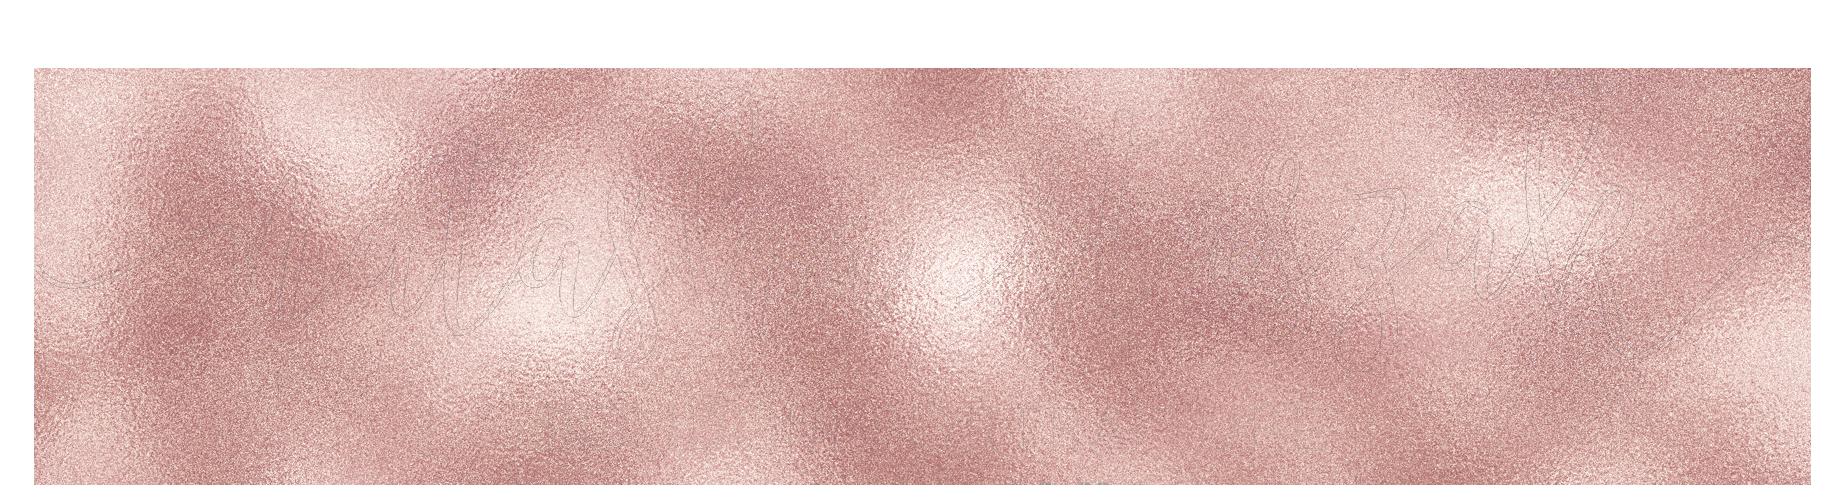 logo-02-02-white pboudoir portraiture blush pinkd.png